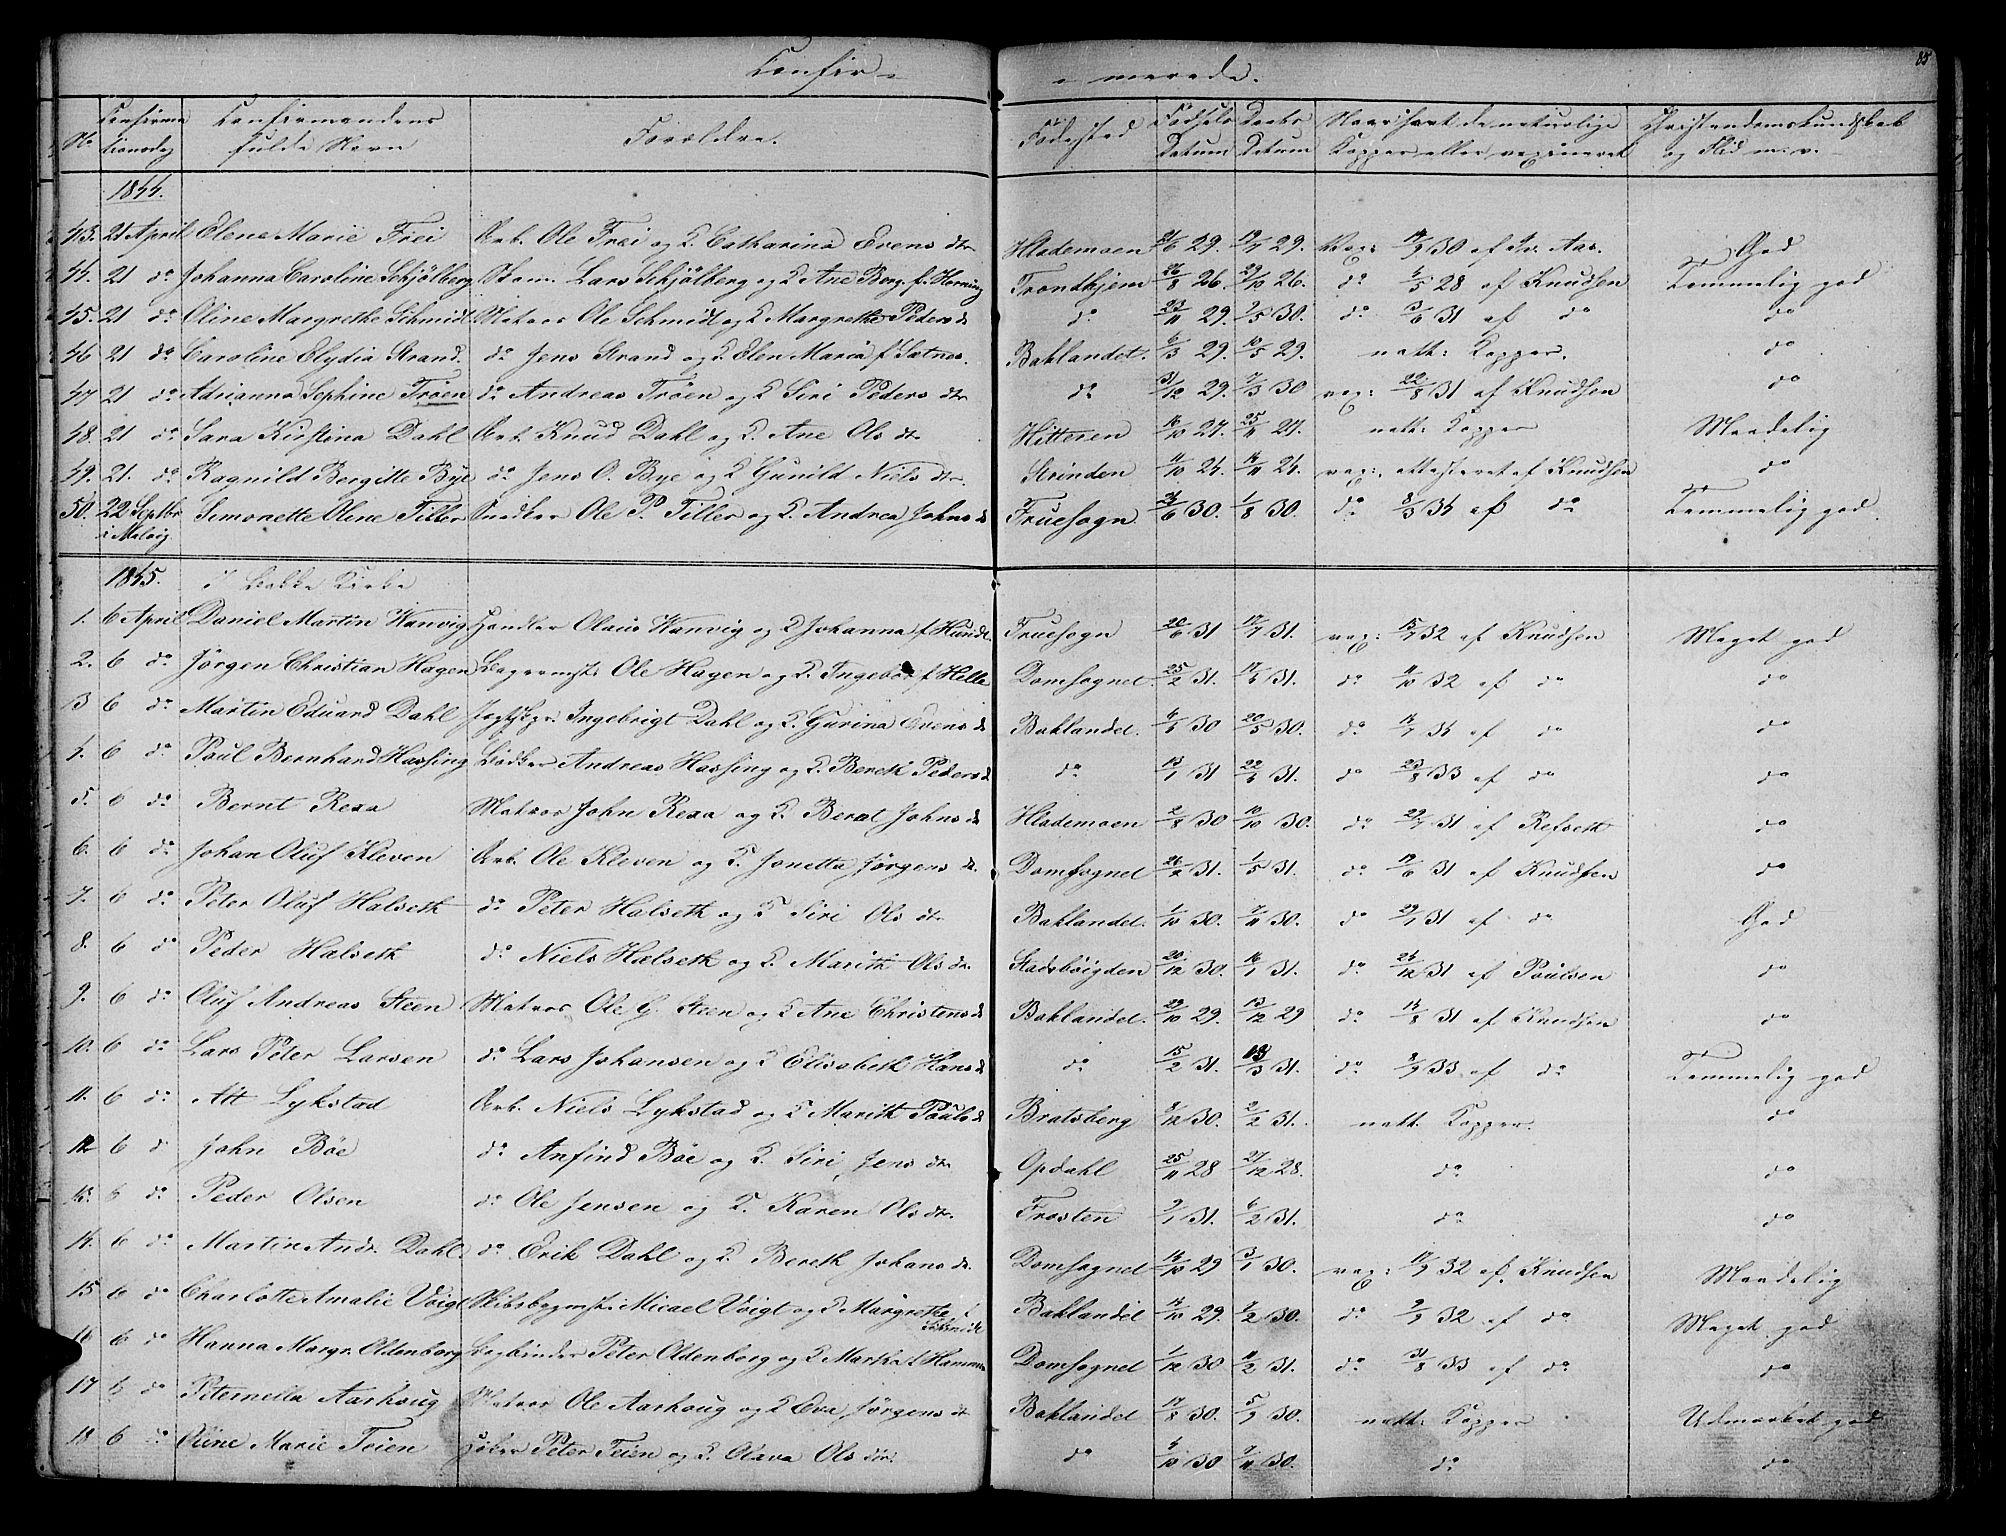 SAT, Ministerialprotokoller, klokkerbøker og fødselsregistre - Sør-Trøndelag, 604/L0182: Ministerialbok nr. 604A03, 1818-1850, s. 85